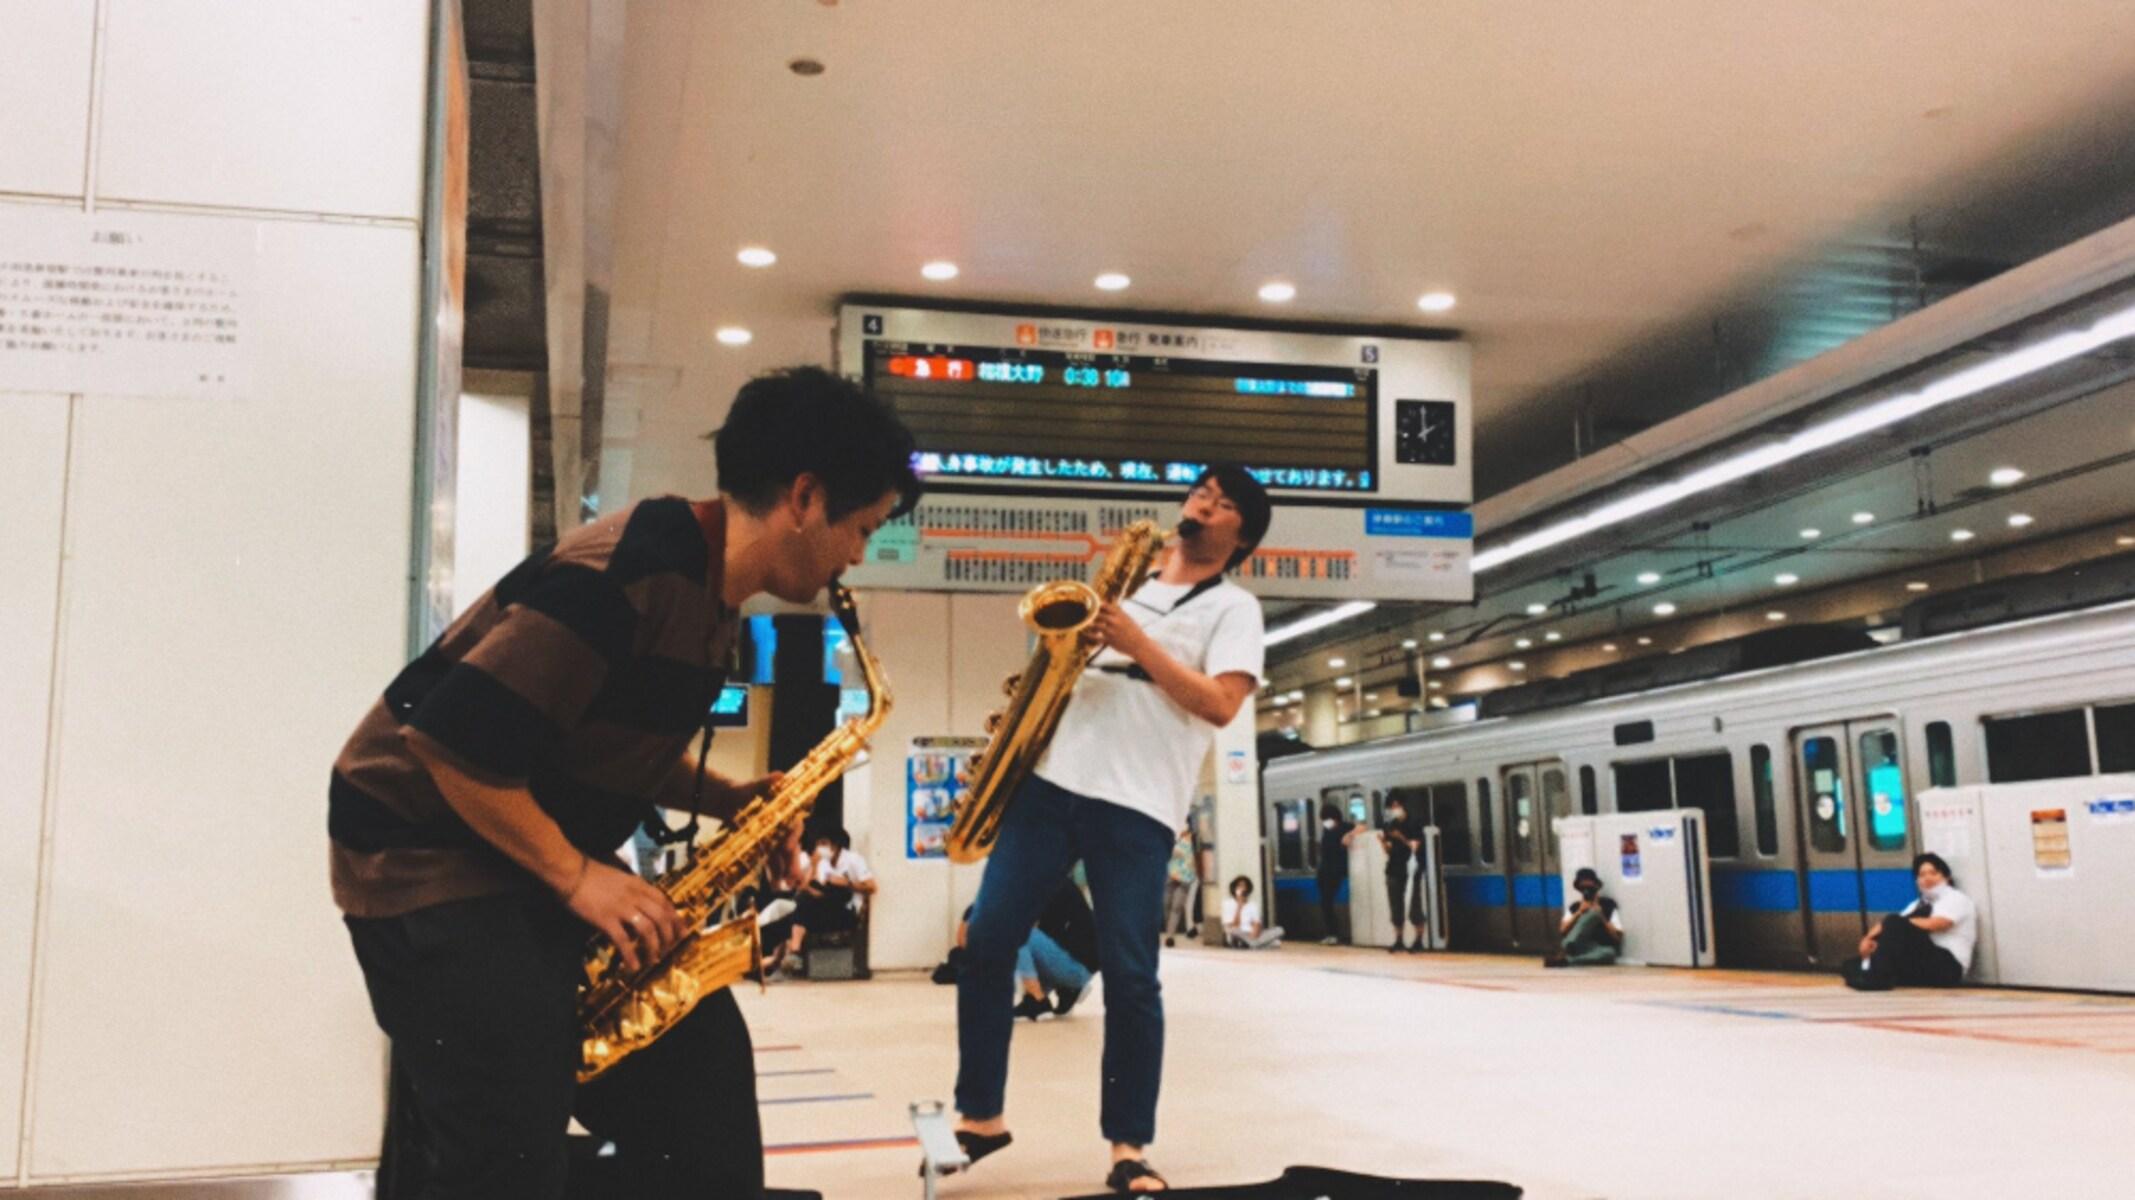 「音楽の力ってすごい」深夜、人身事故で電車が運休した時、ある楽器奏者がとった行動に称賛の声